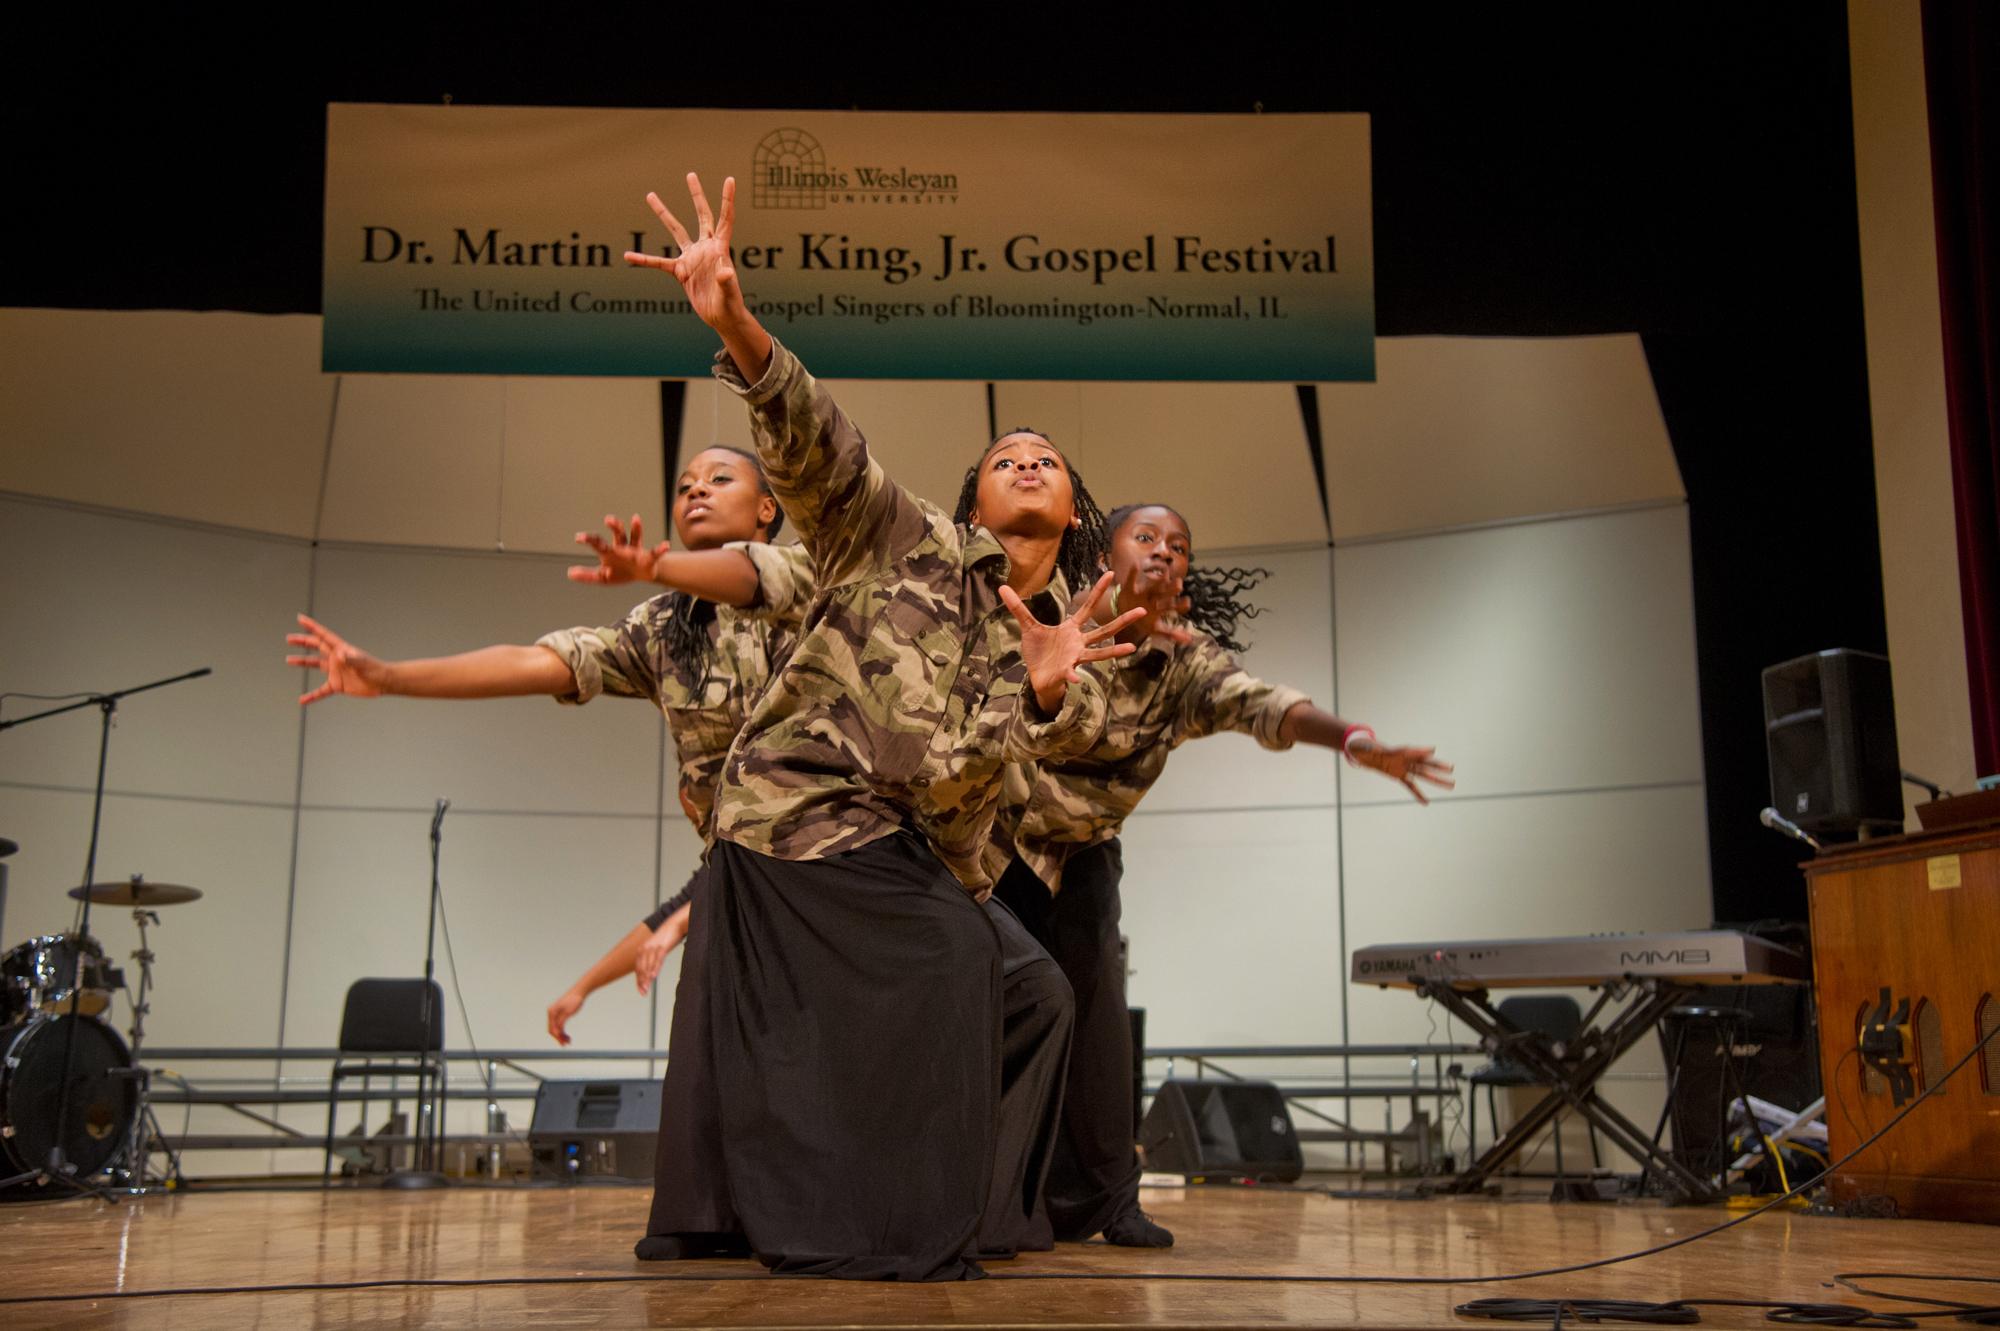 The Mount Pisgah Praise Dancers performed at the 2013 Gospel Festival